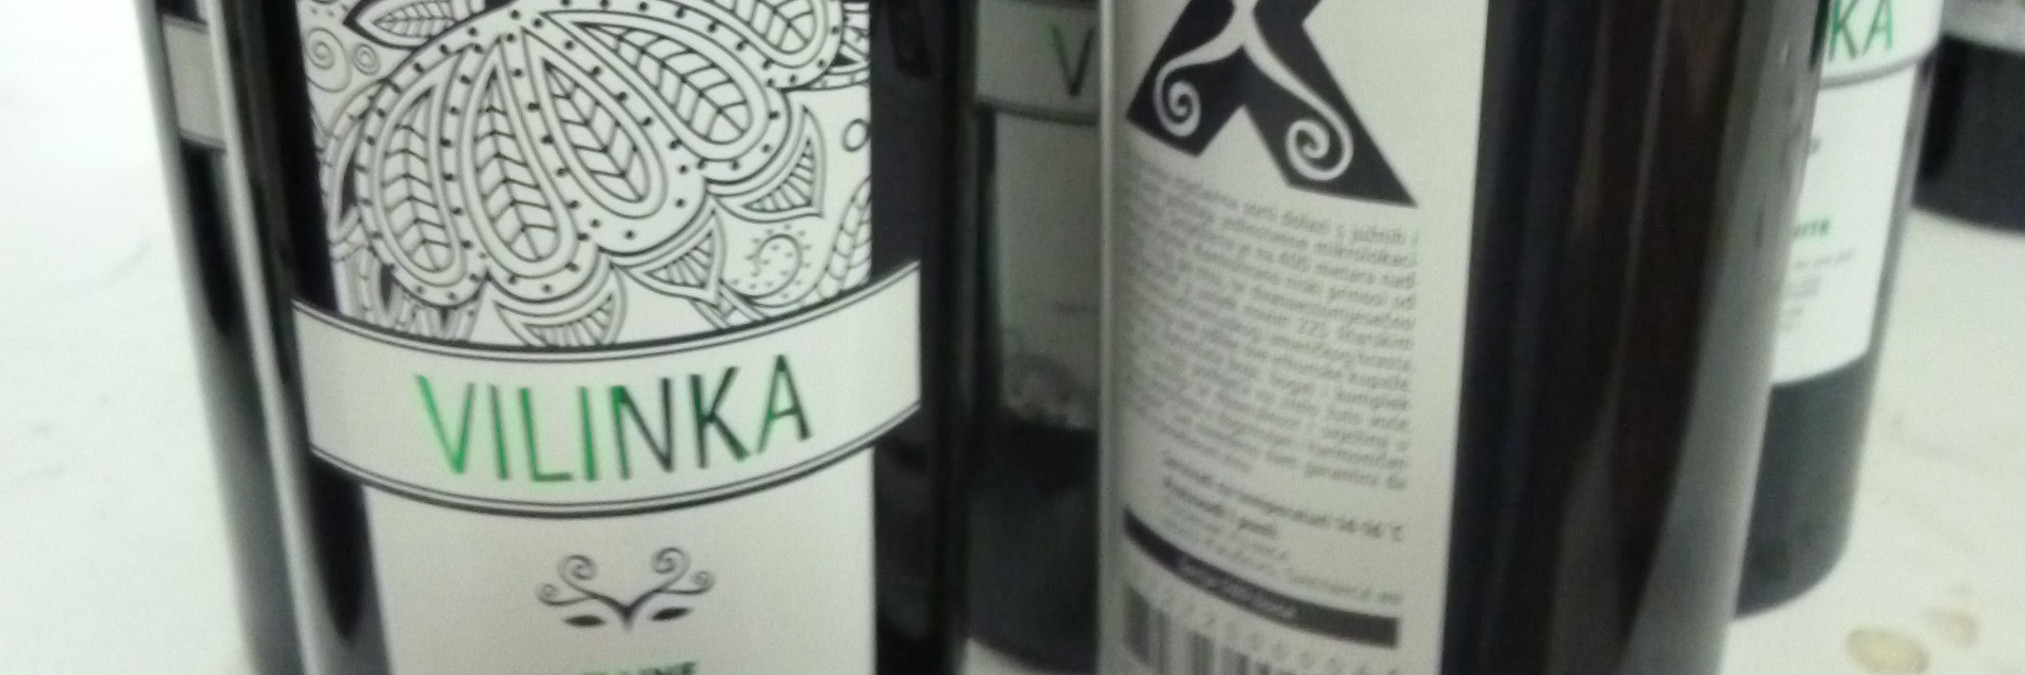 Винодельня Vilinka